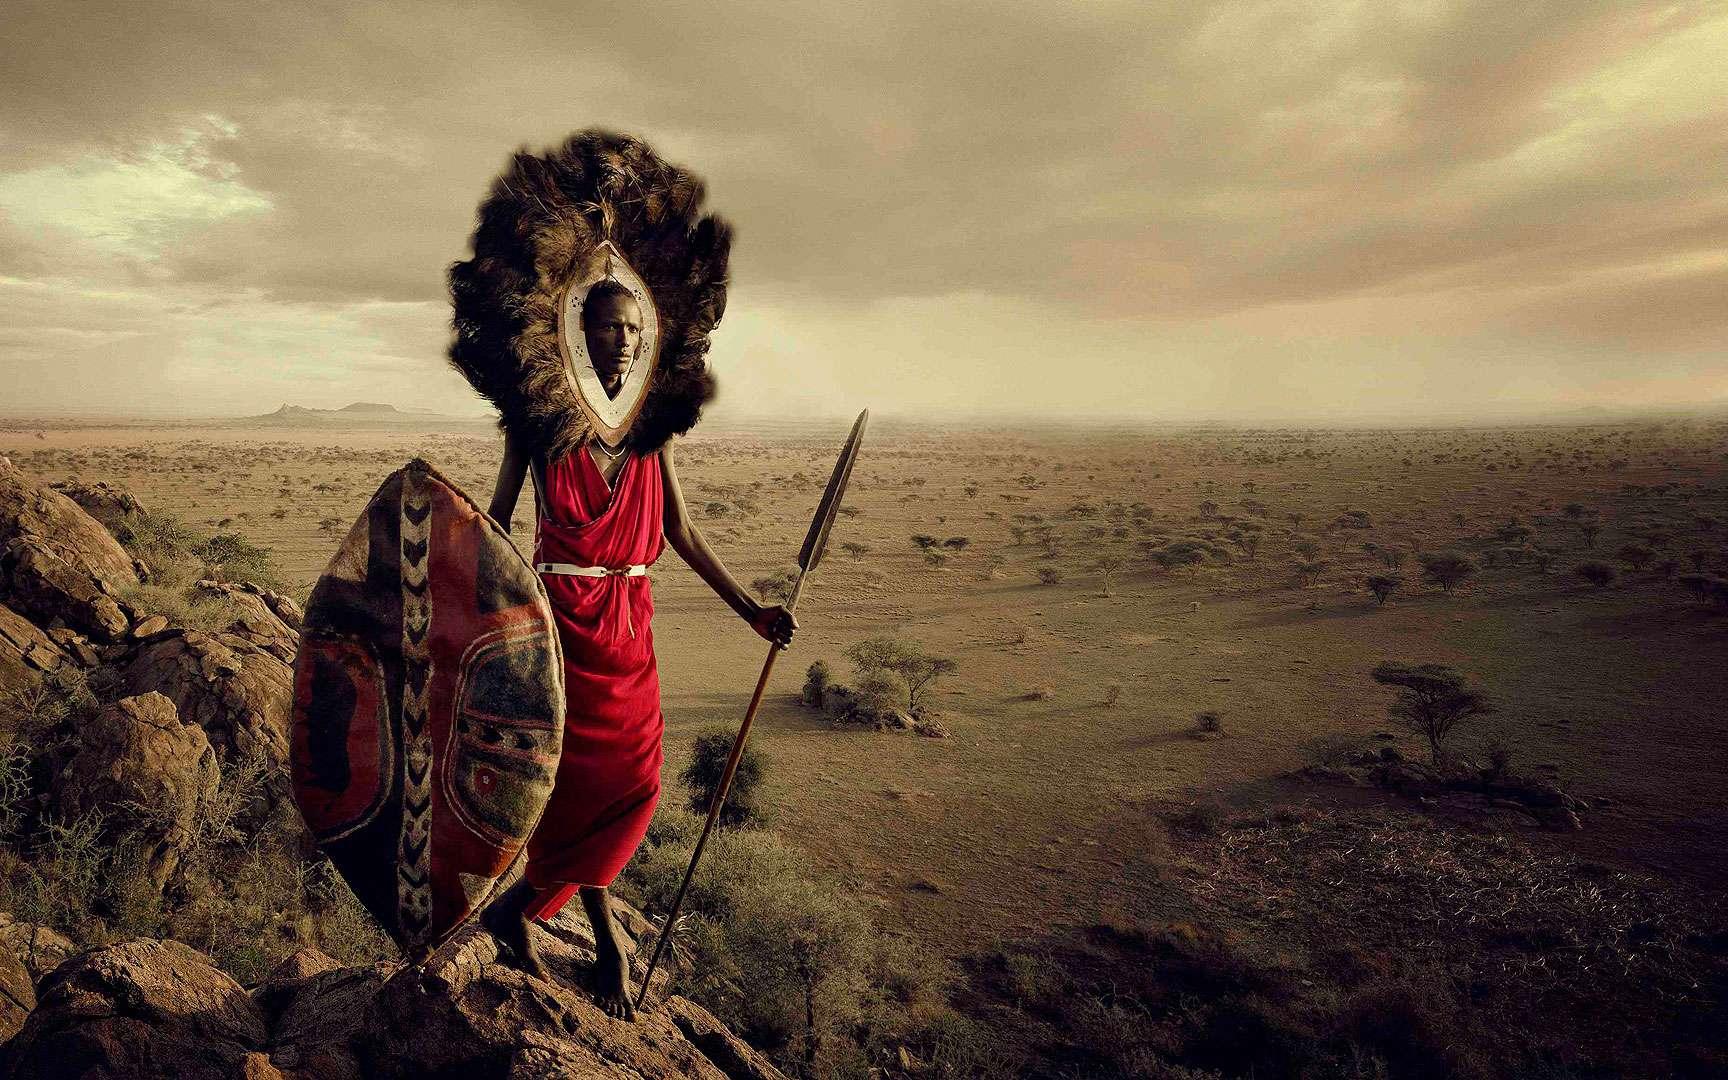 Les Massaïs - Tanzanie. Être né Massaï, c'est appartenir à l'une des dernières grandes cultures guerrières au monde. Tout petit, le jeune Massaï doit apprendre les pratiques culturelles, les lois coutumières et les responsabilités qu'il devra assumer à l'âge adulte. Ils sont célèbres pour l'aduma, une danse durant laquelle les jeunes hommes exécutent les pieds joints de grands bonds pour démontrer leur force et vigueur en tant que guerriers. Nomades, ils suivent le régime des précipitations en quête de nourriture et d'eau pour leurs troupeaux. La richesse, chez eux, se mesure à la taille du cheptel et au nombre d'enfants. Ils vivent dans des huttes appelées kraal ou boma, construites en semi-dur à partir de boue, branches, herbes et bouse de vache. Ils portent de nombreux bijoux aux bras, pieds, cou et les femmes se rasent le crâne et se font arracher deux incisives sur la mâchoire inférieure. © Jimmy Nelson. Tous droits réservés